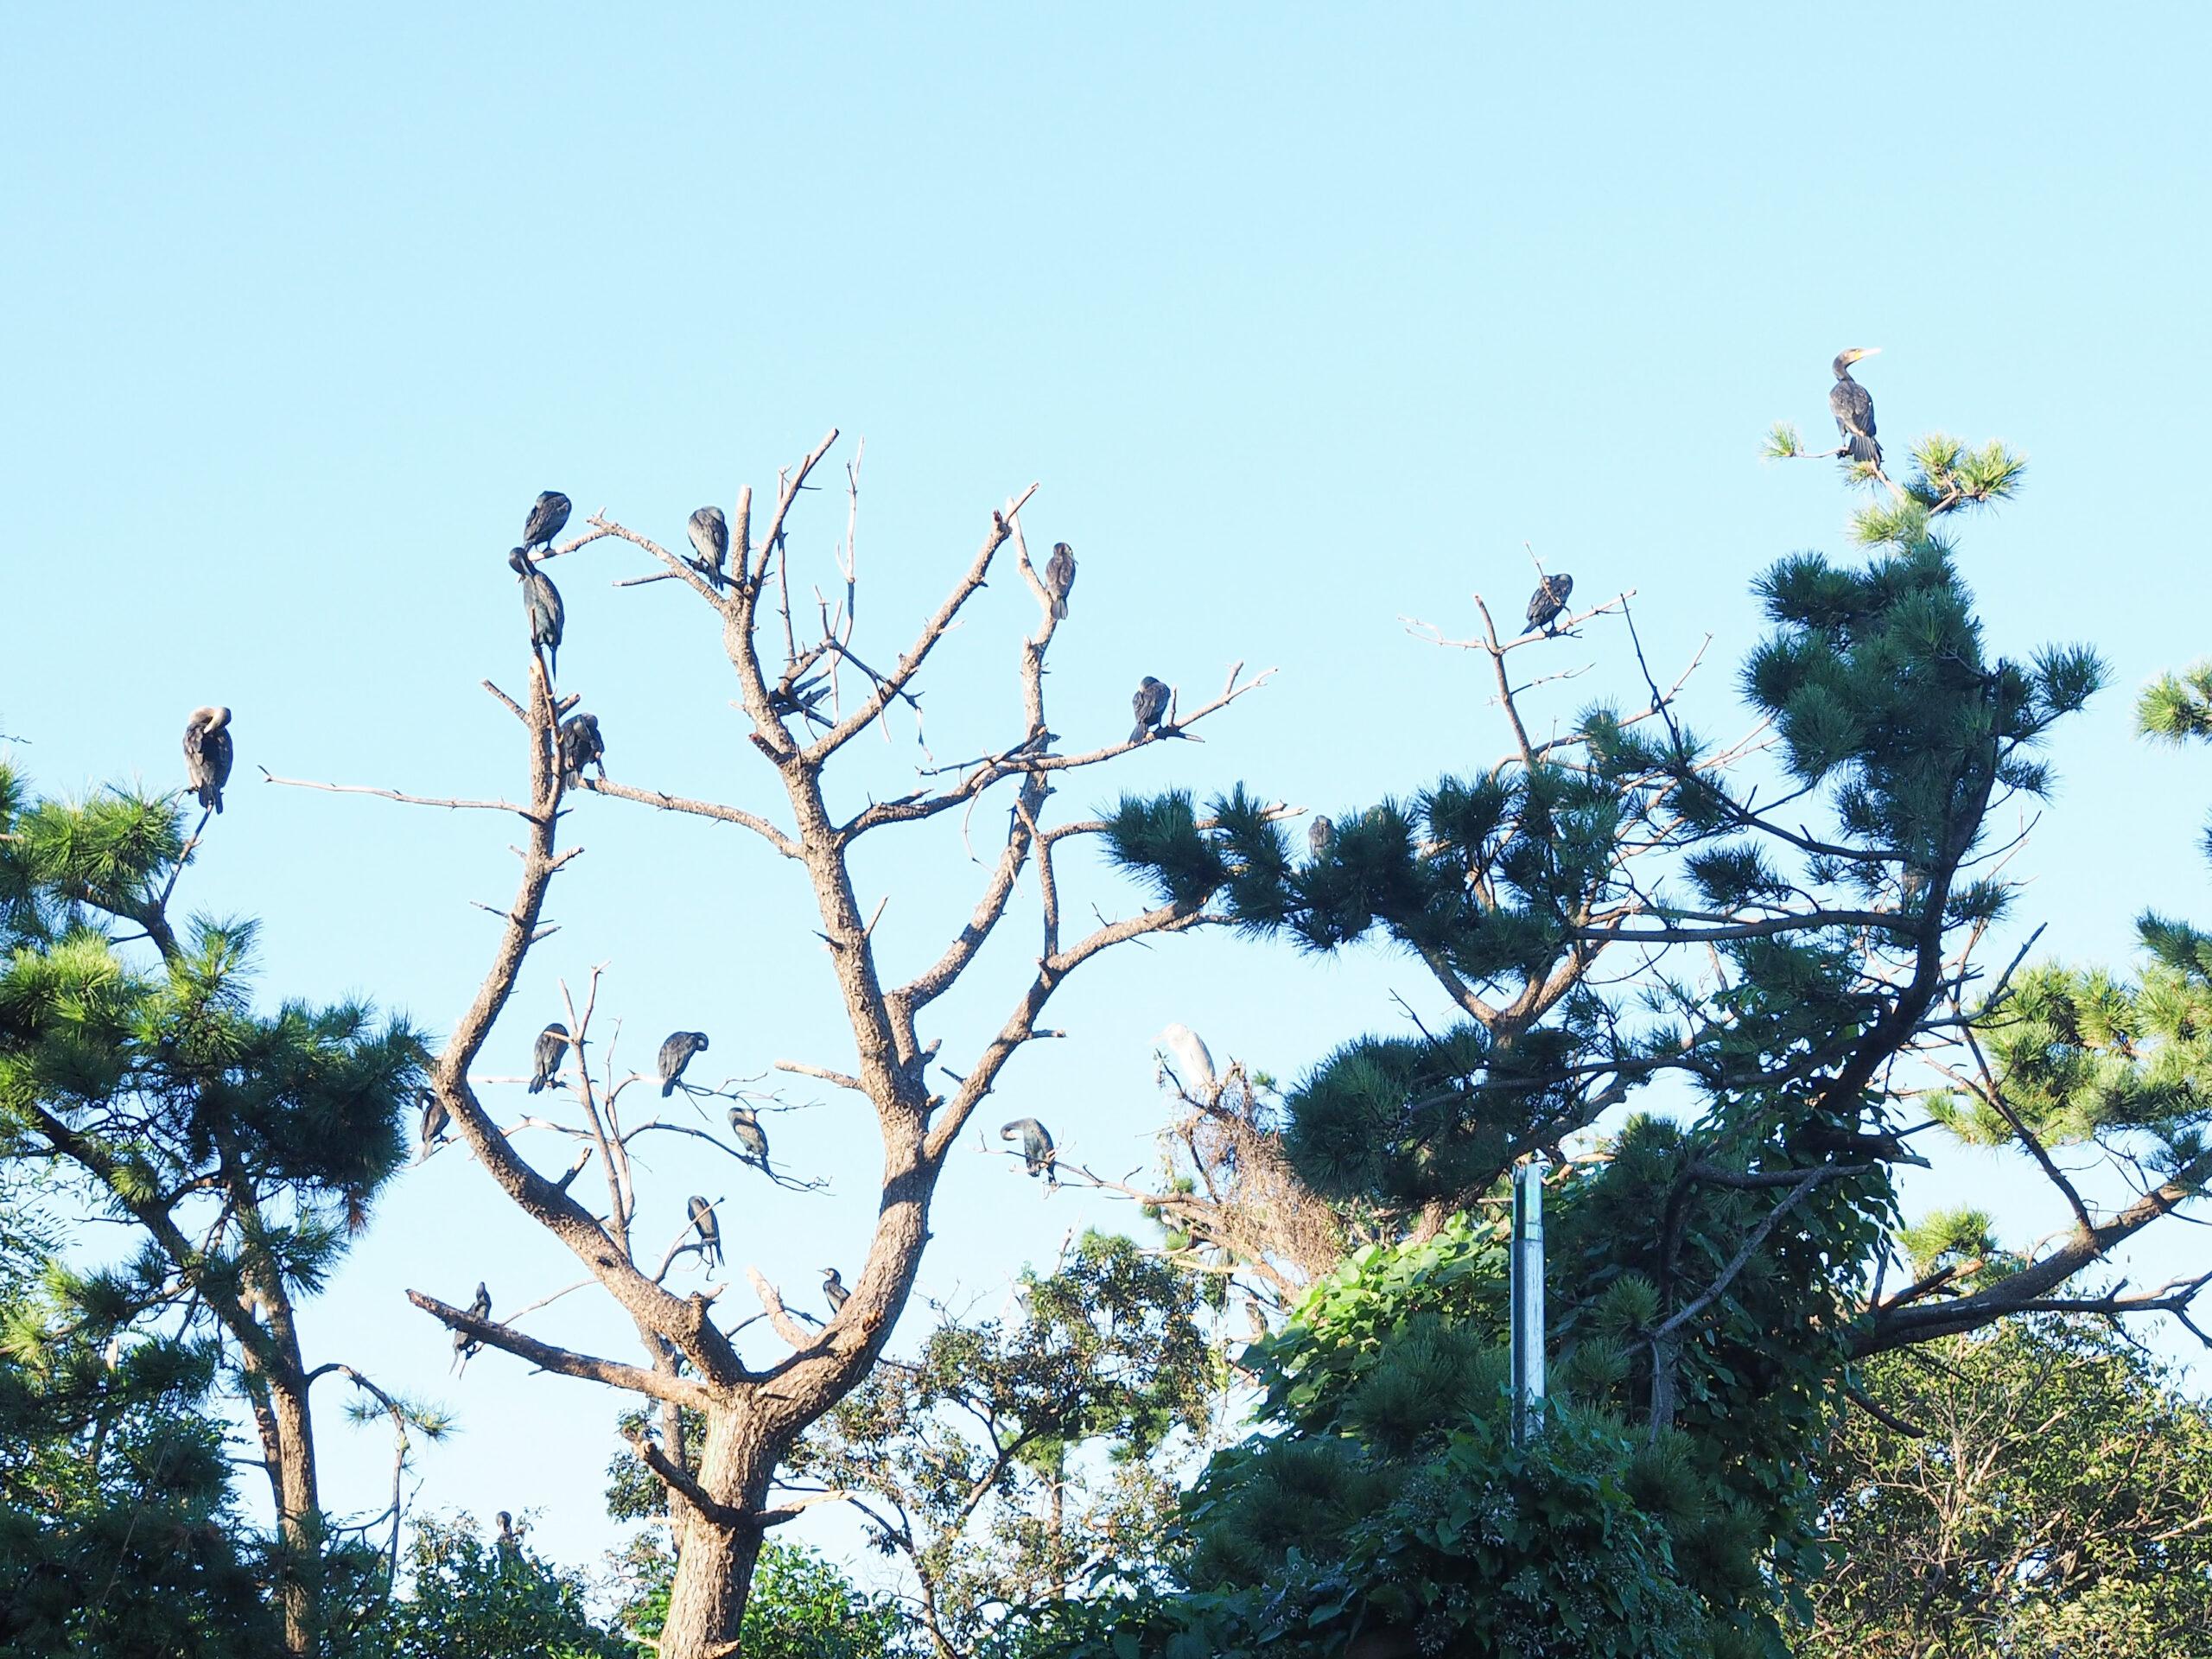 都内 おすすめ 公園 東京港野鳥公園 東京都野鳥公園 大田区 観光 リラックス 野鳥観察 バードウオッチング 落ち着く 自然 東京湾 日本野鳥の会 空が見たい 癒されたい 場所 お出かけ リフレッシュ 緑 ピクニック 鳥 水鳥 アオサギ